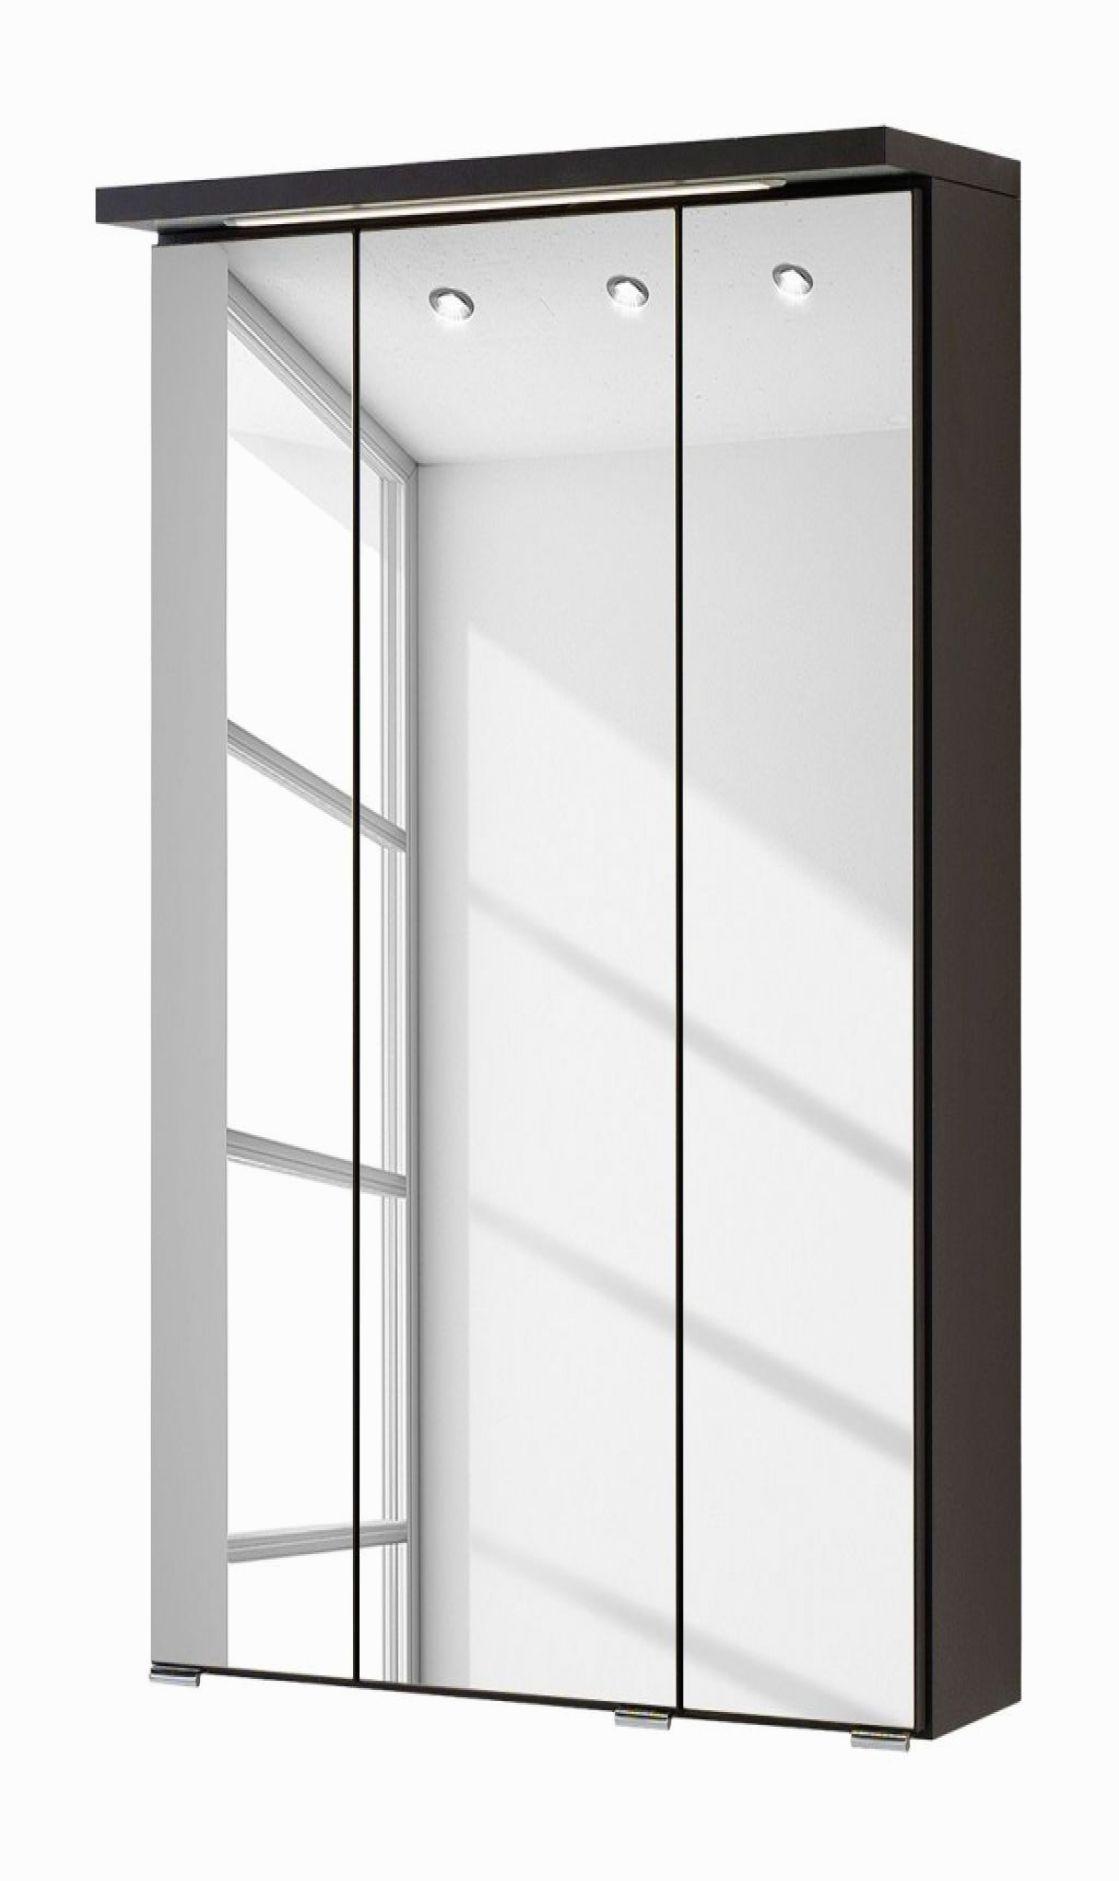 300 Cm Breit Schrank 20 Cm Breit Einzigartig Schrank 20 Cm Tief In 2020 Spiegelschrank Schrank Schrank Design